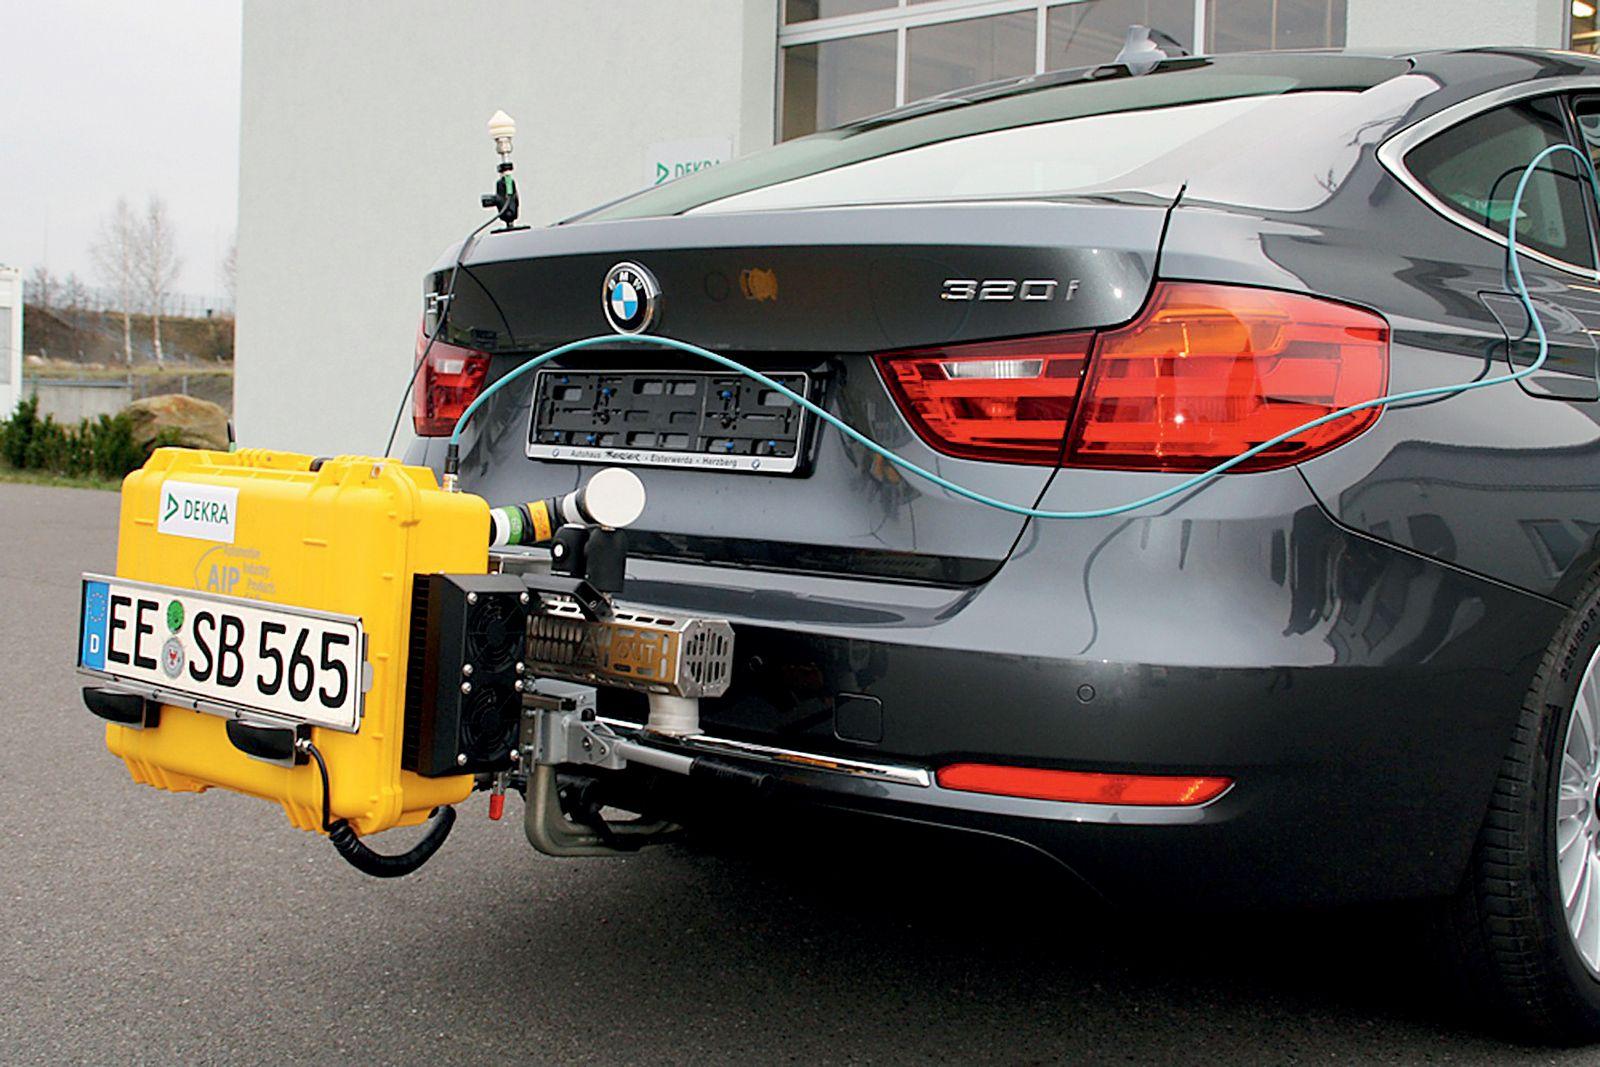 Φορητή συσκευή μέτρησης εκπομπών καυσαερίων.